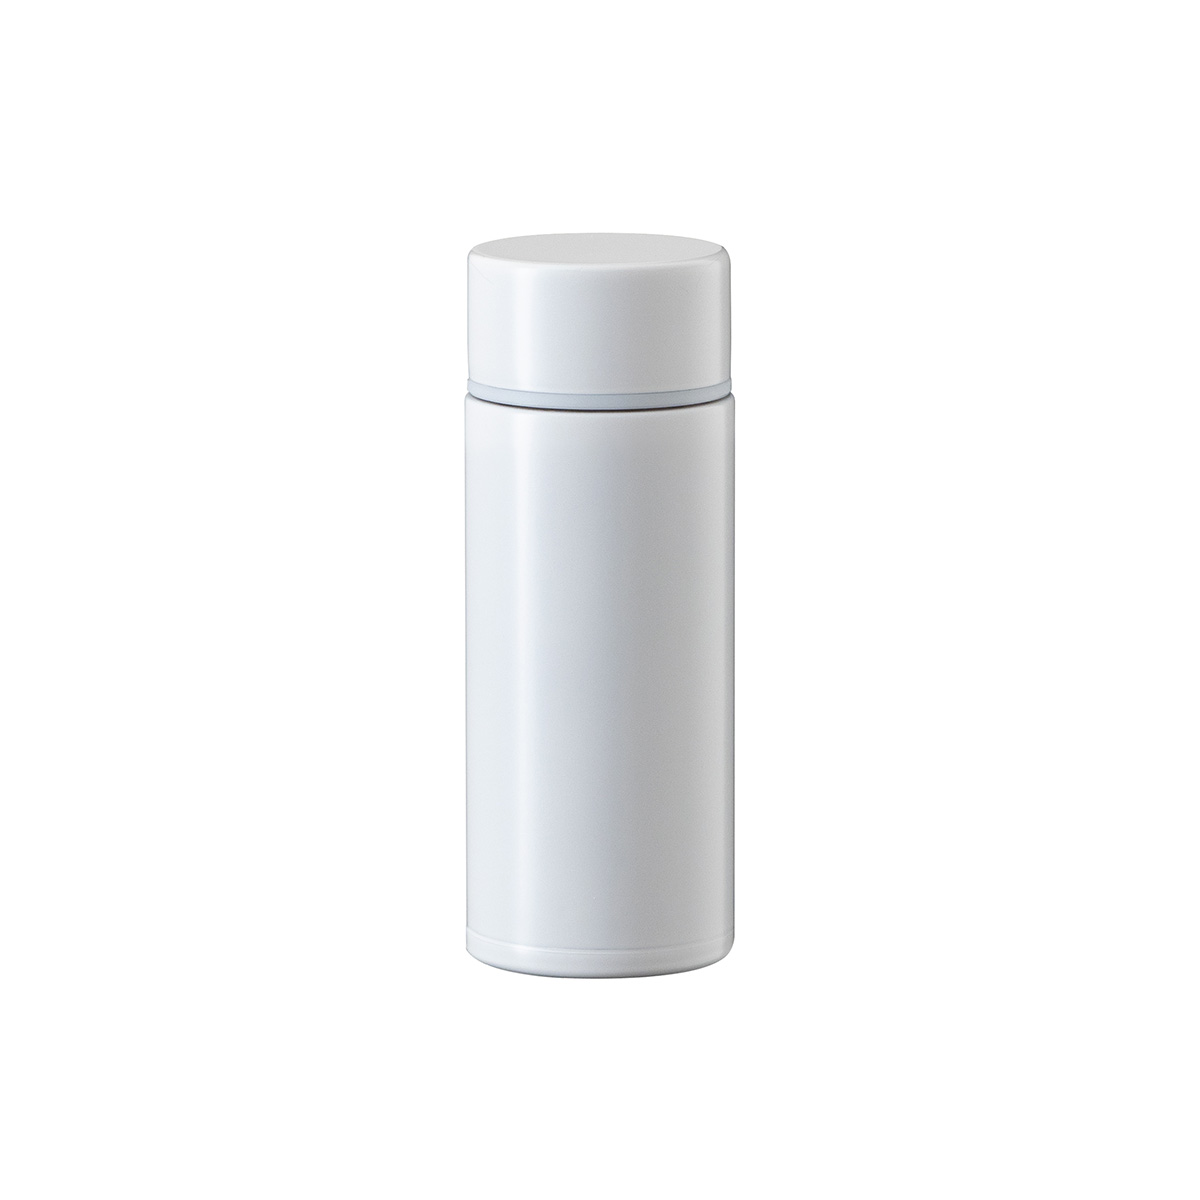 miniボトル 130ml ホワイト